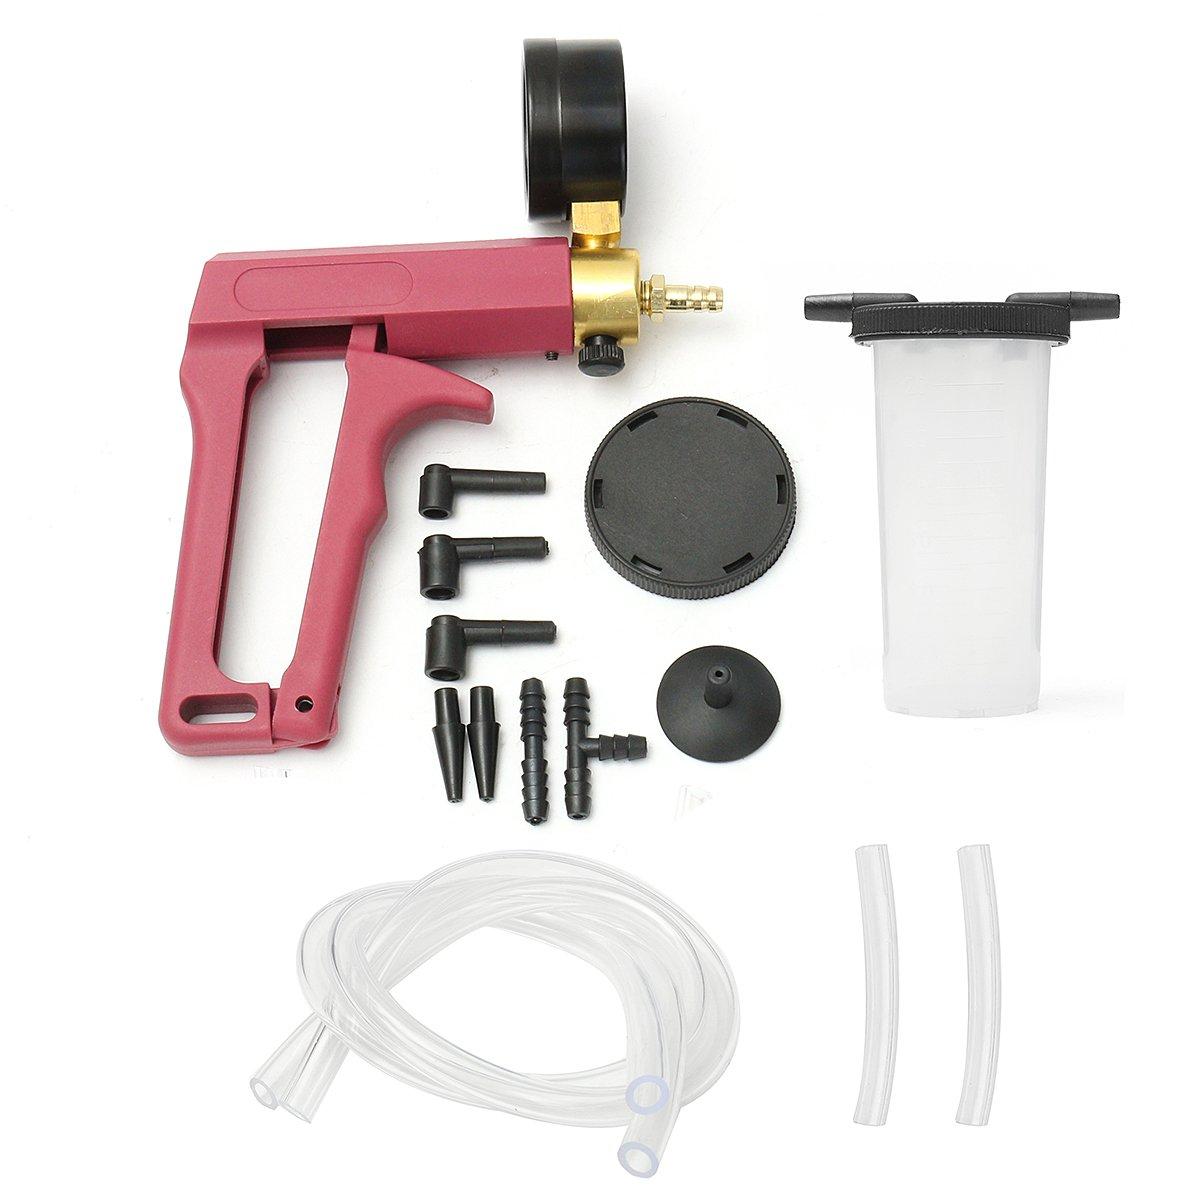 Tools - Hand Vacuum Pump Held Brake Bleeder Tester Bleed Bleeding Kit Motor Bike Car by Auto-Tools (Image #3)